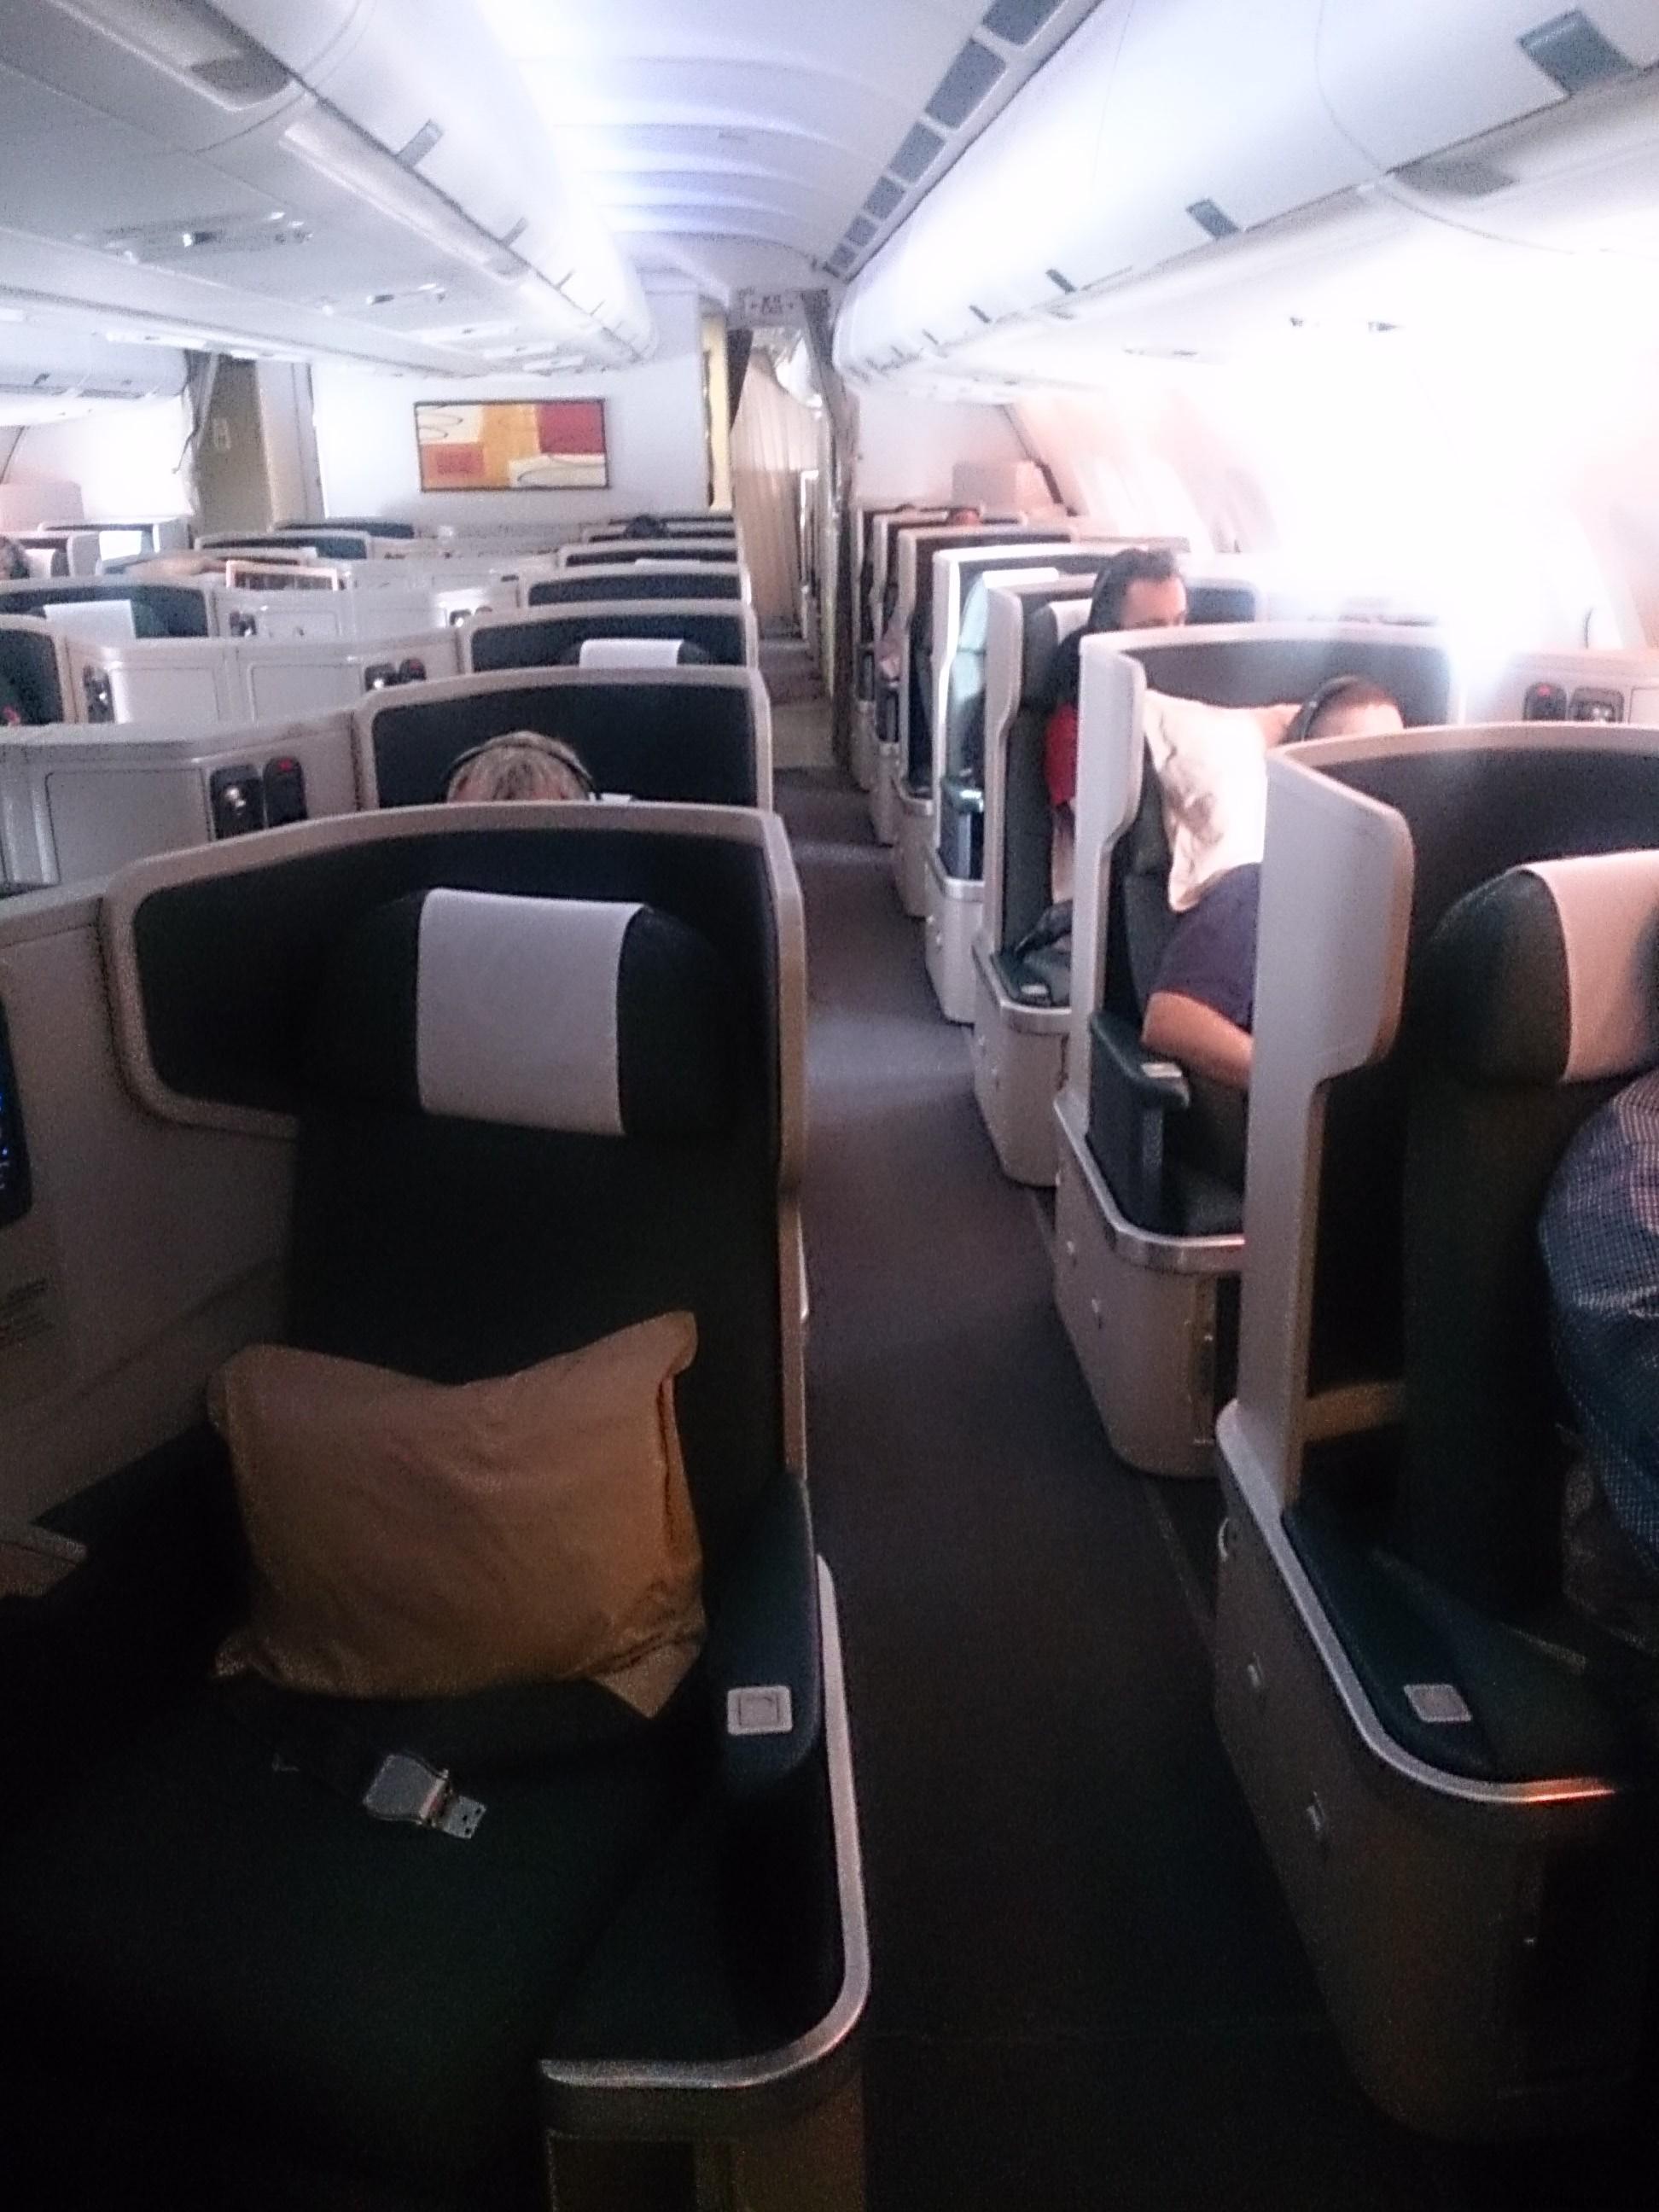 CX766 A330(A33G)で二階級特進のインボラ発生